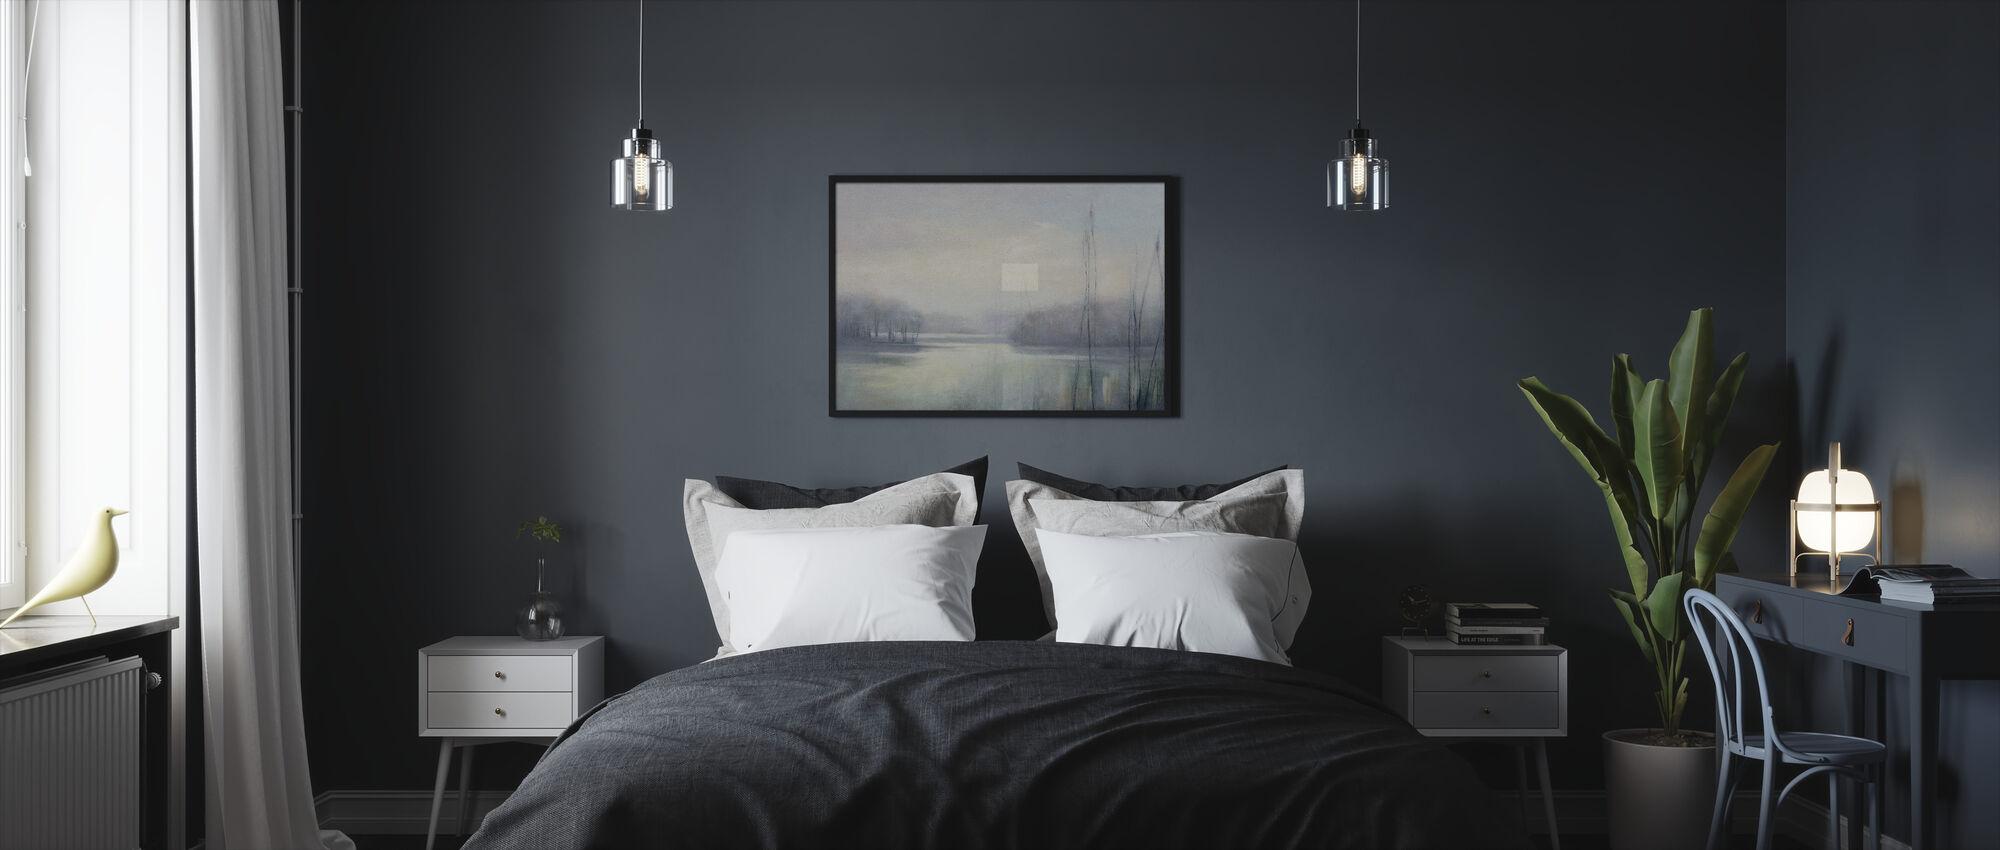 Memorie nebbiose - Stampa incorniciata - Camera da letto